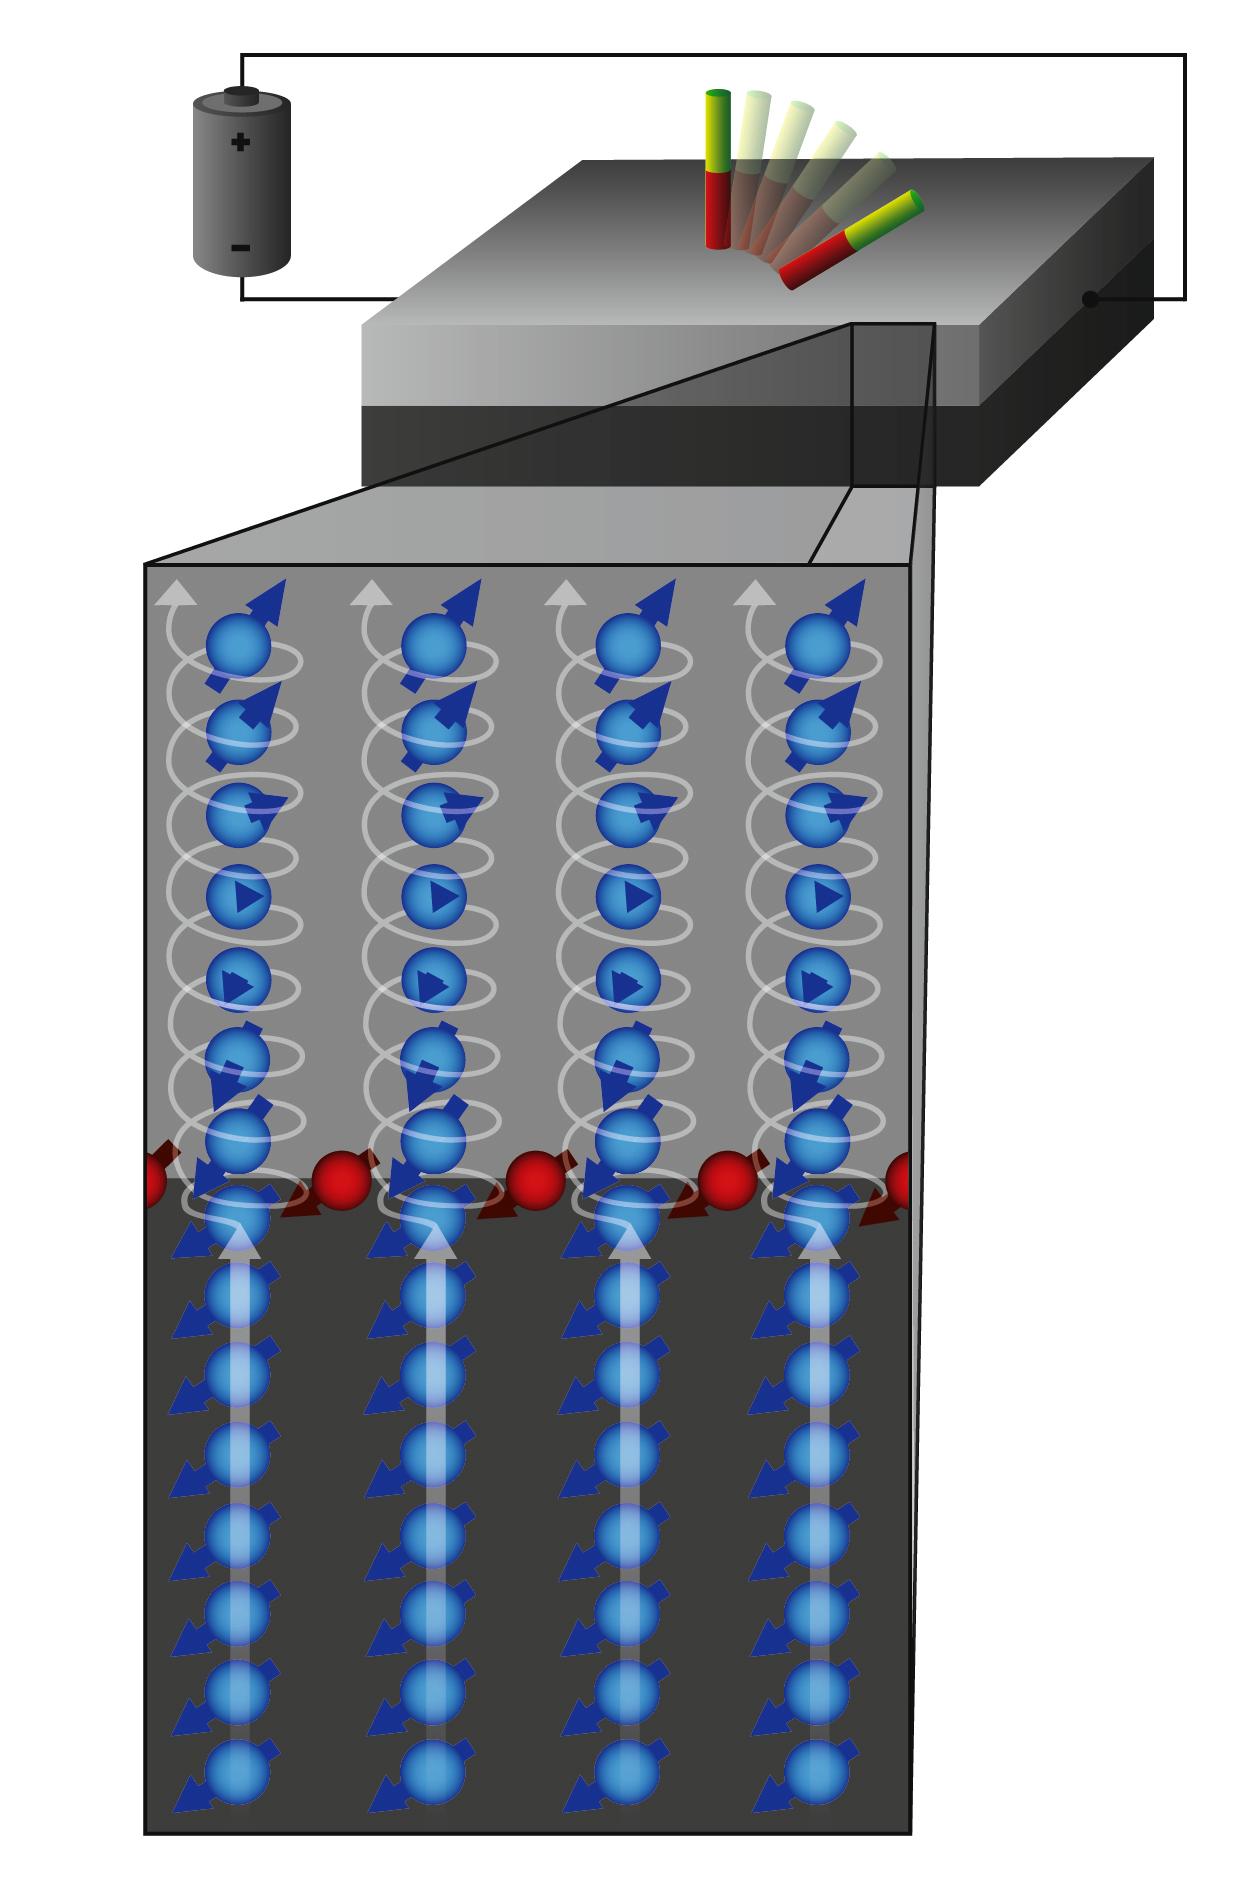 Spinstrom (blau) und Spinanhäufung (rot) erzeugen in Schichtsystemen aus Platin (unten) und Kobalt ein Drehmoment, das die Ausrichtung der magnetischen Momente in der Kobaltschicht beeinflusst (veranschaulicht durch den rot-grünen Stabmagneten).